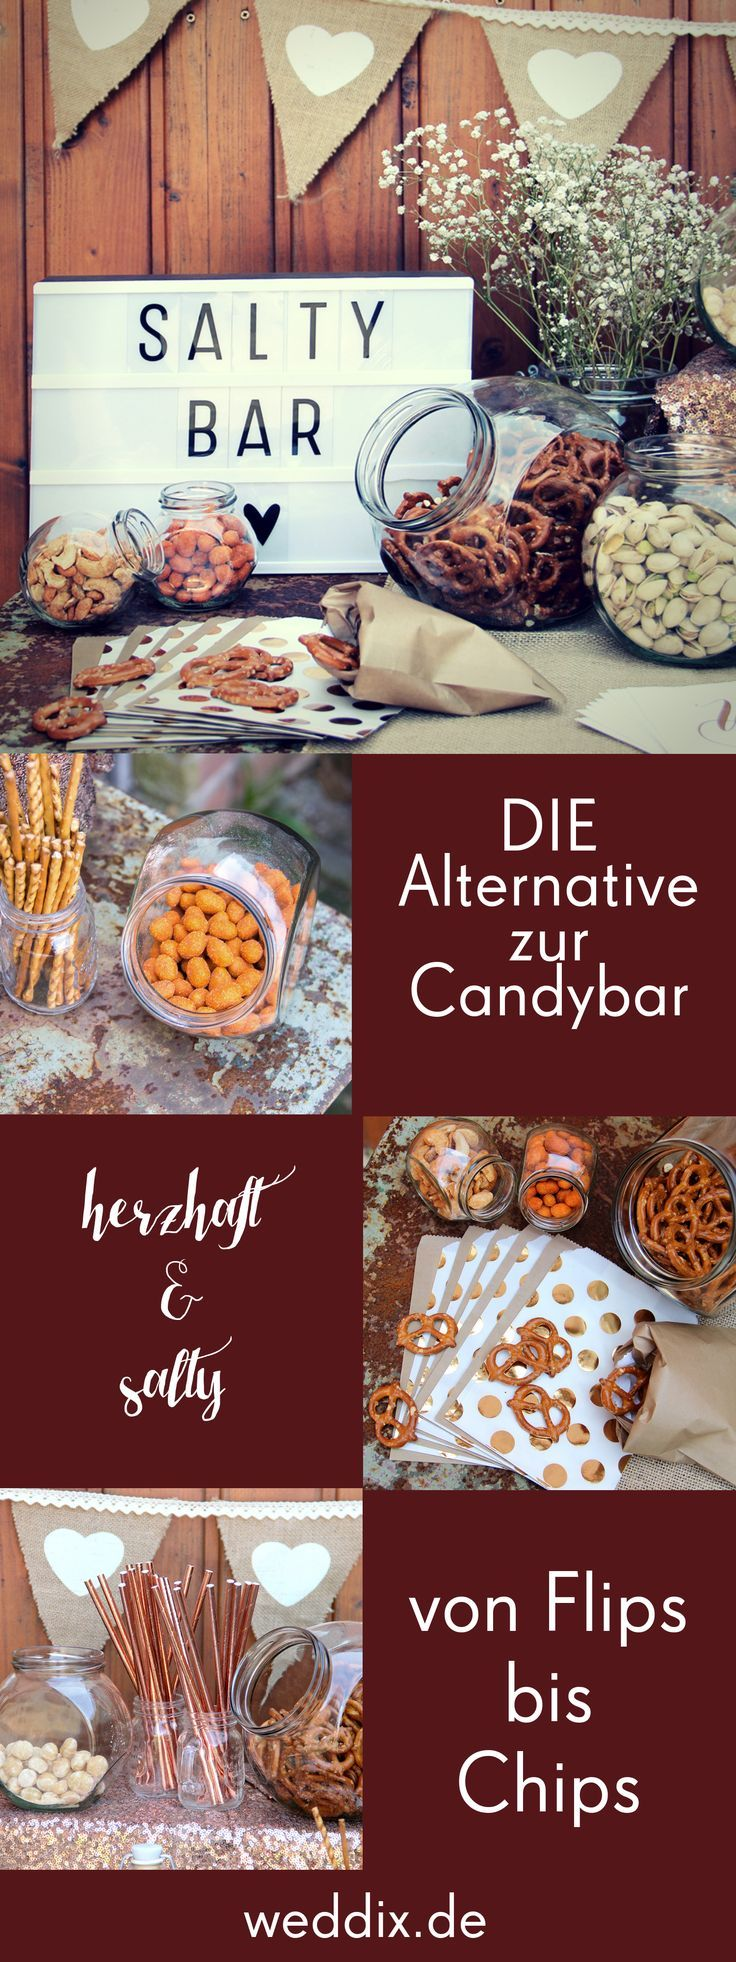 Eine der schönsten Alternativen zur Candybar: Die #Saltybar ! Wer sich von unseren Bildern noch nicht genug inspiriert fühlt, kann sich bei unserem Artikel zu den 6 schönsten Alternativen zur Candy-Bar umsehen 😄 #hochzeit #candybar #inspiration #salty #essen #food